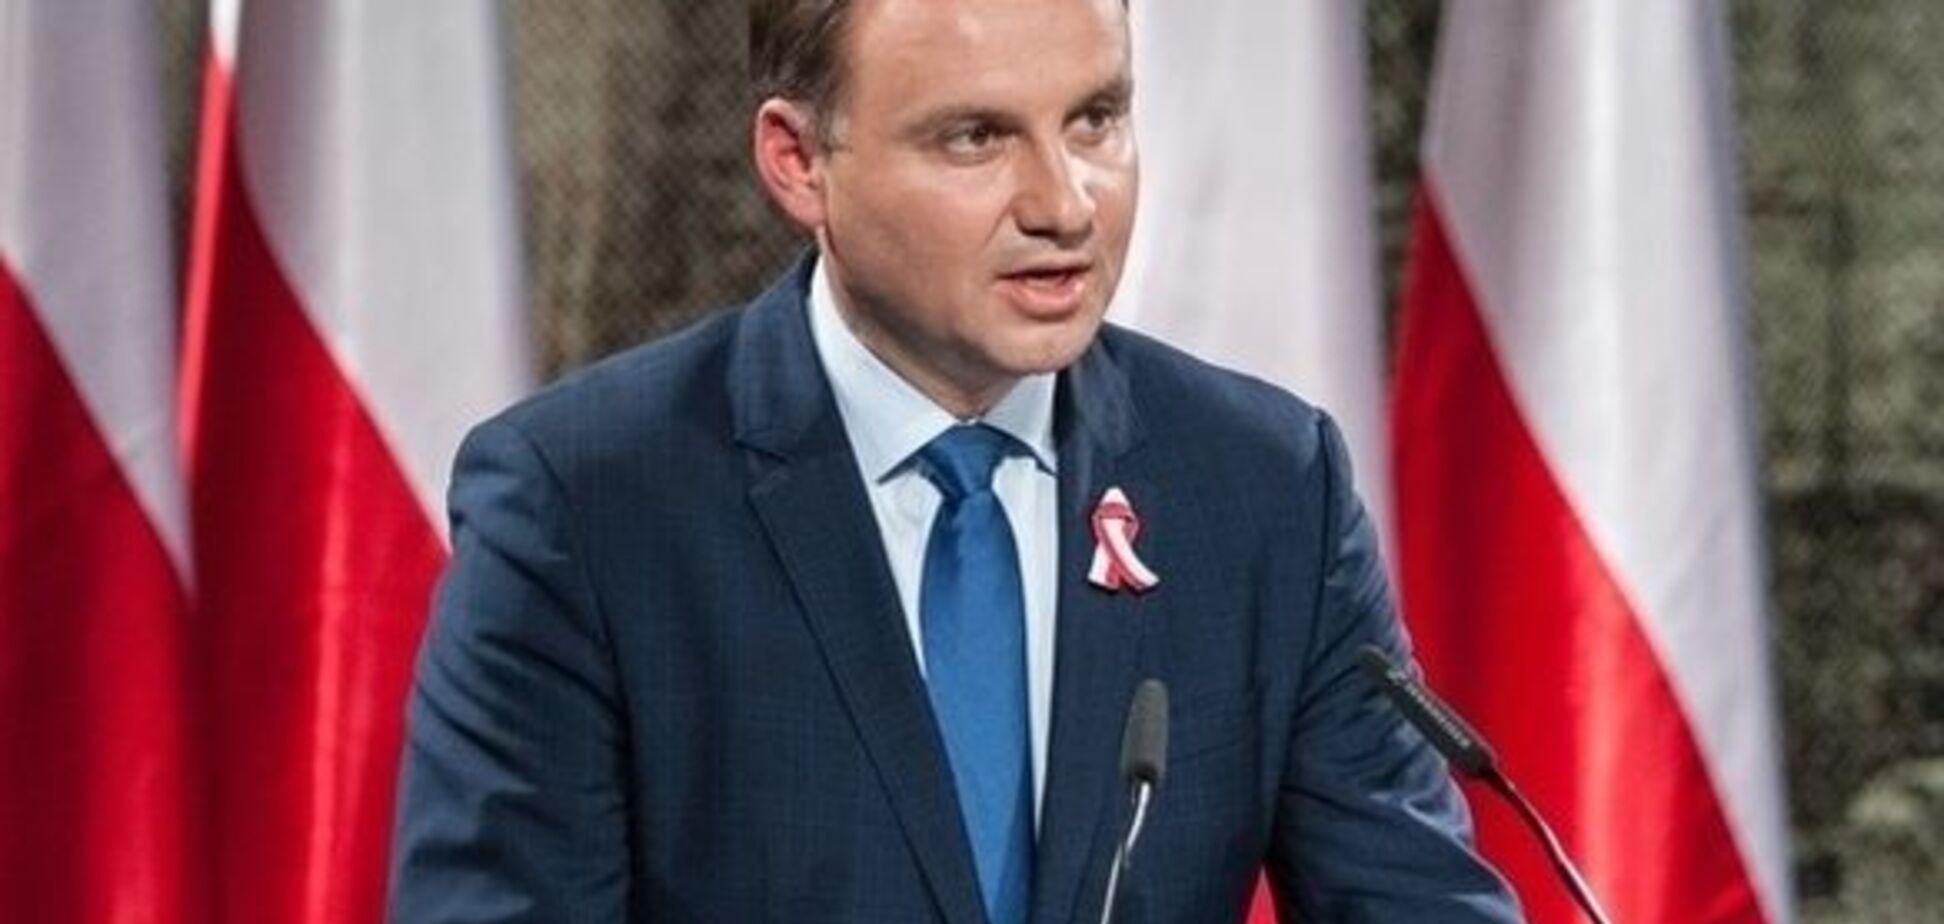 Звернулася до НАТО: Польща запанікувала через Росію